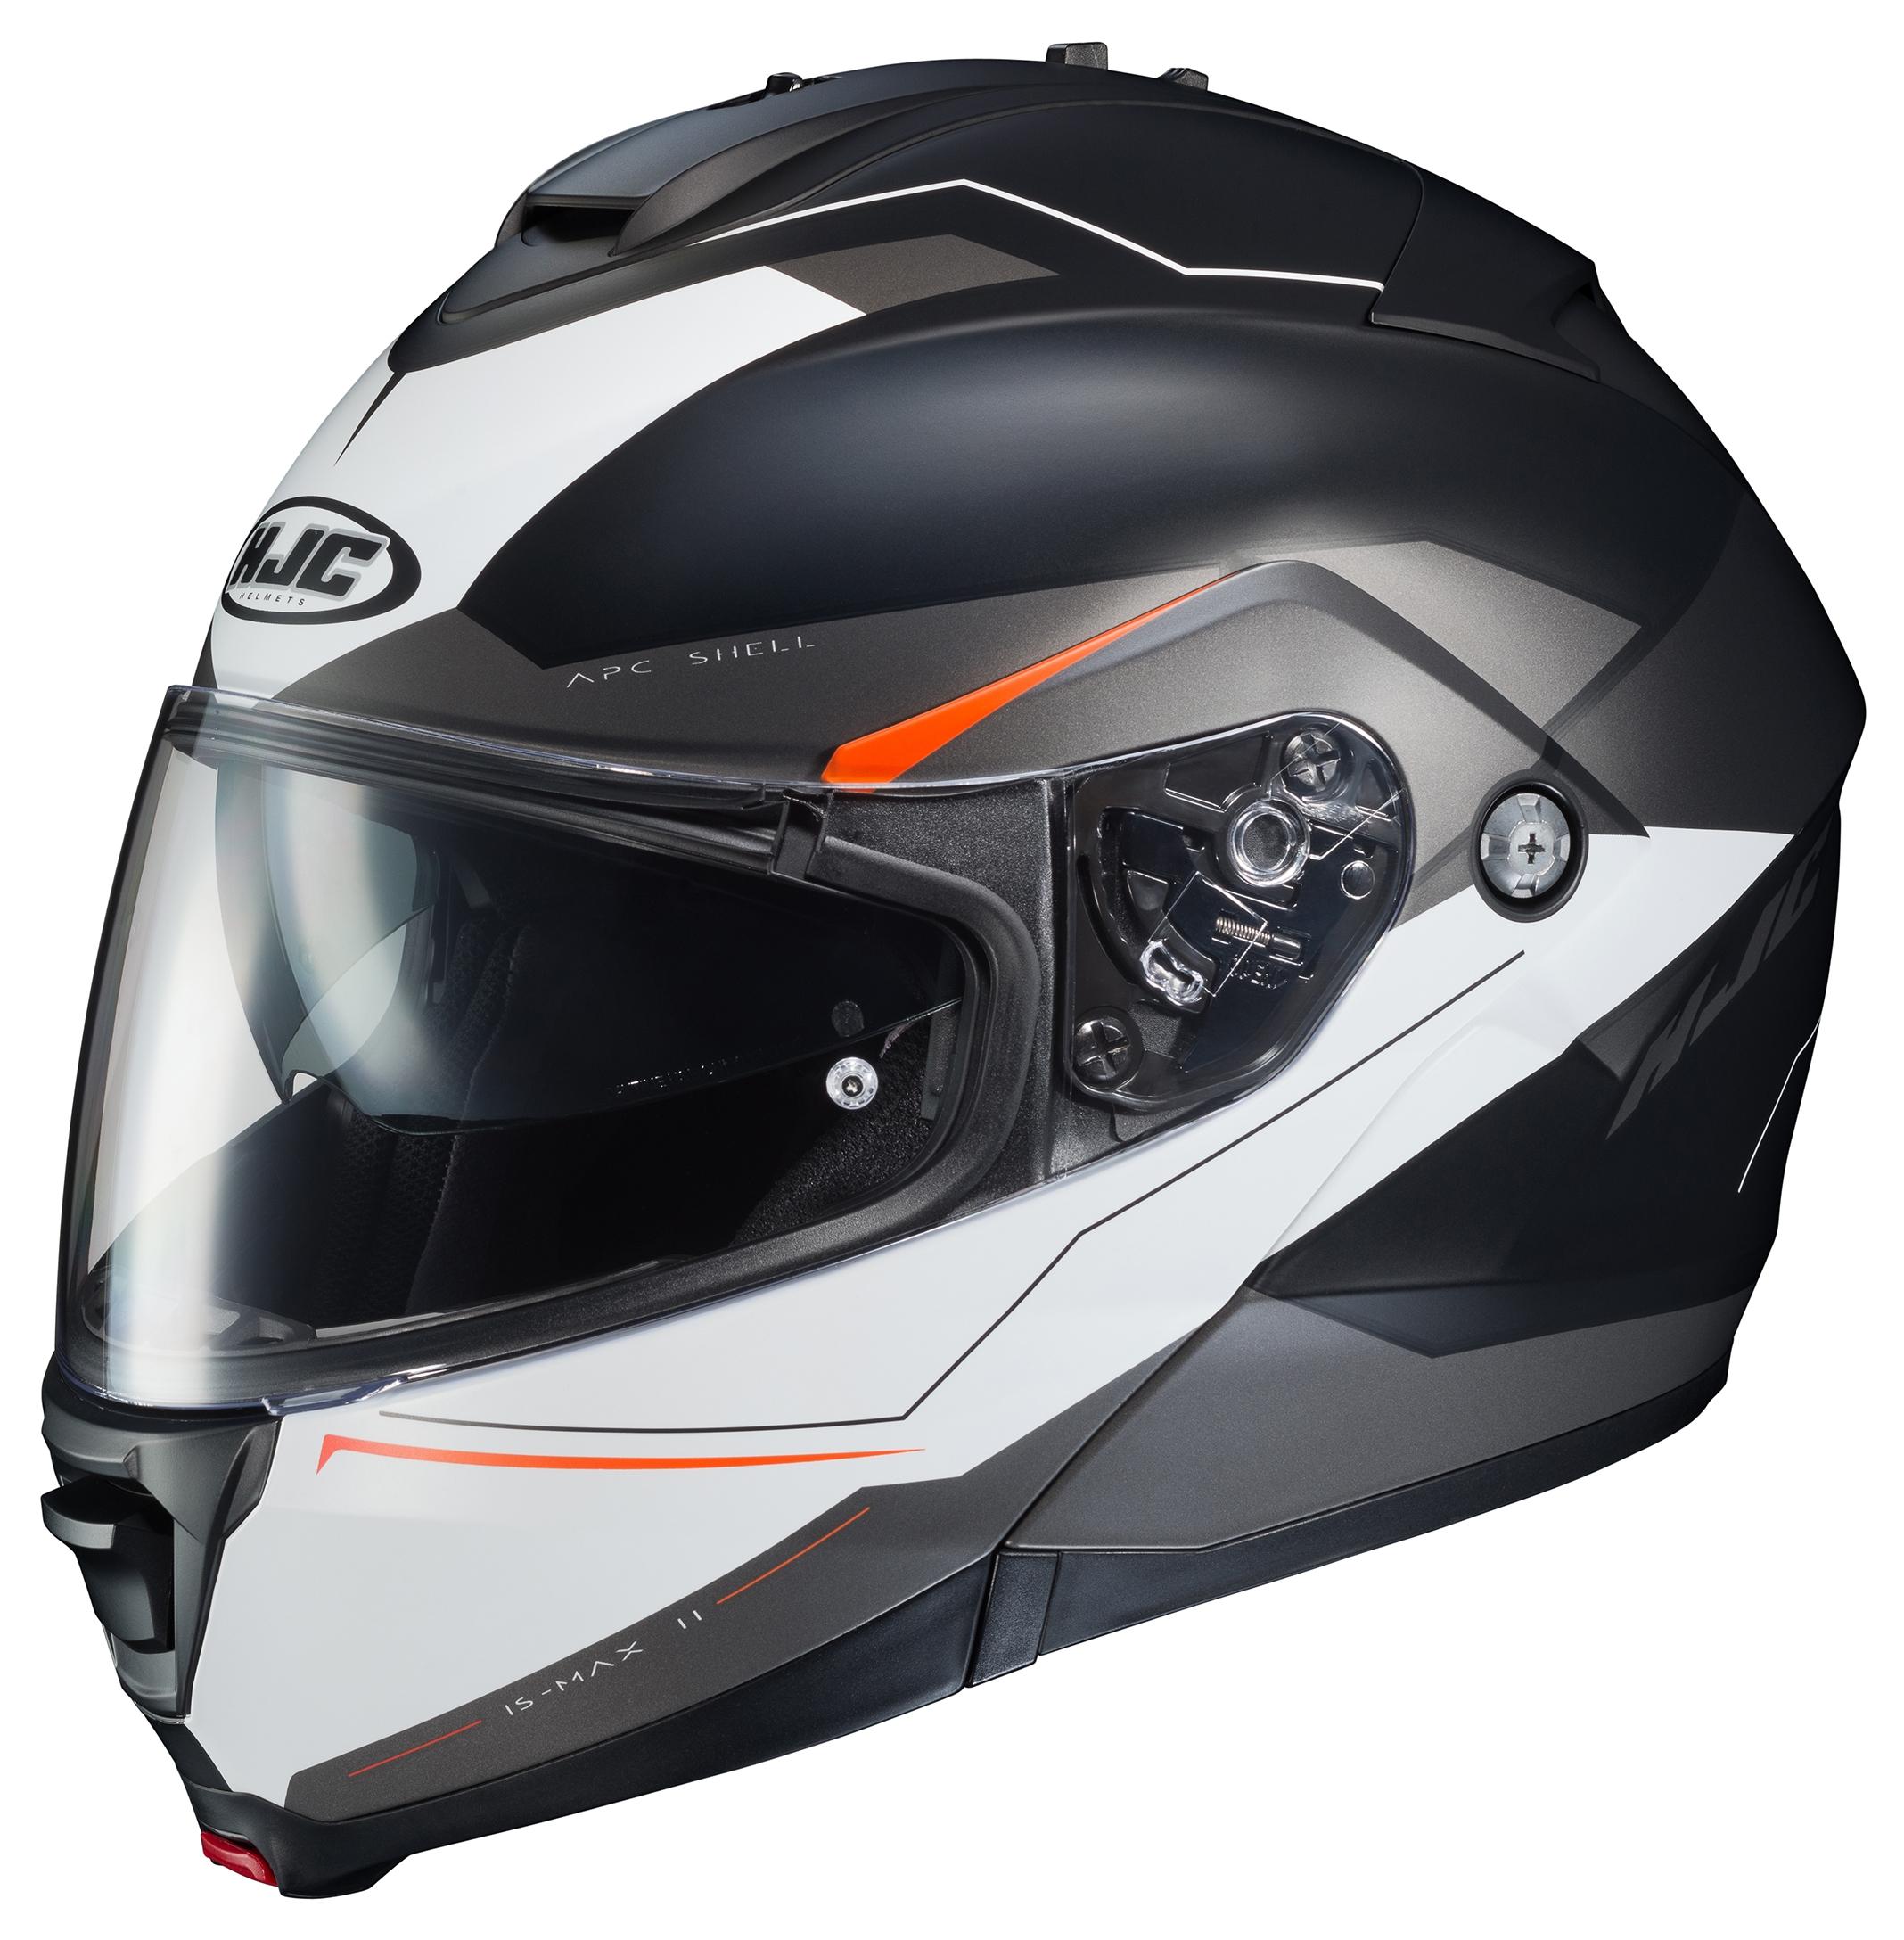 6821357f HJC IS-Max II Magma Motorcycle Helmet Review